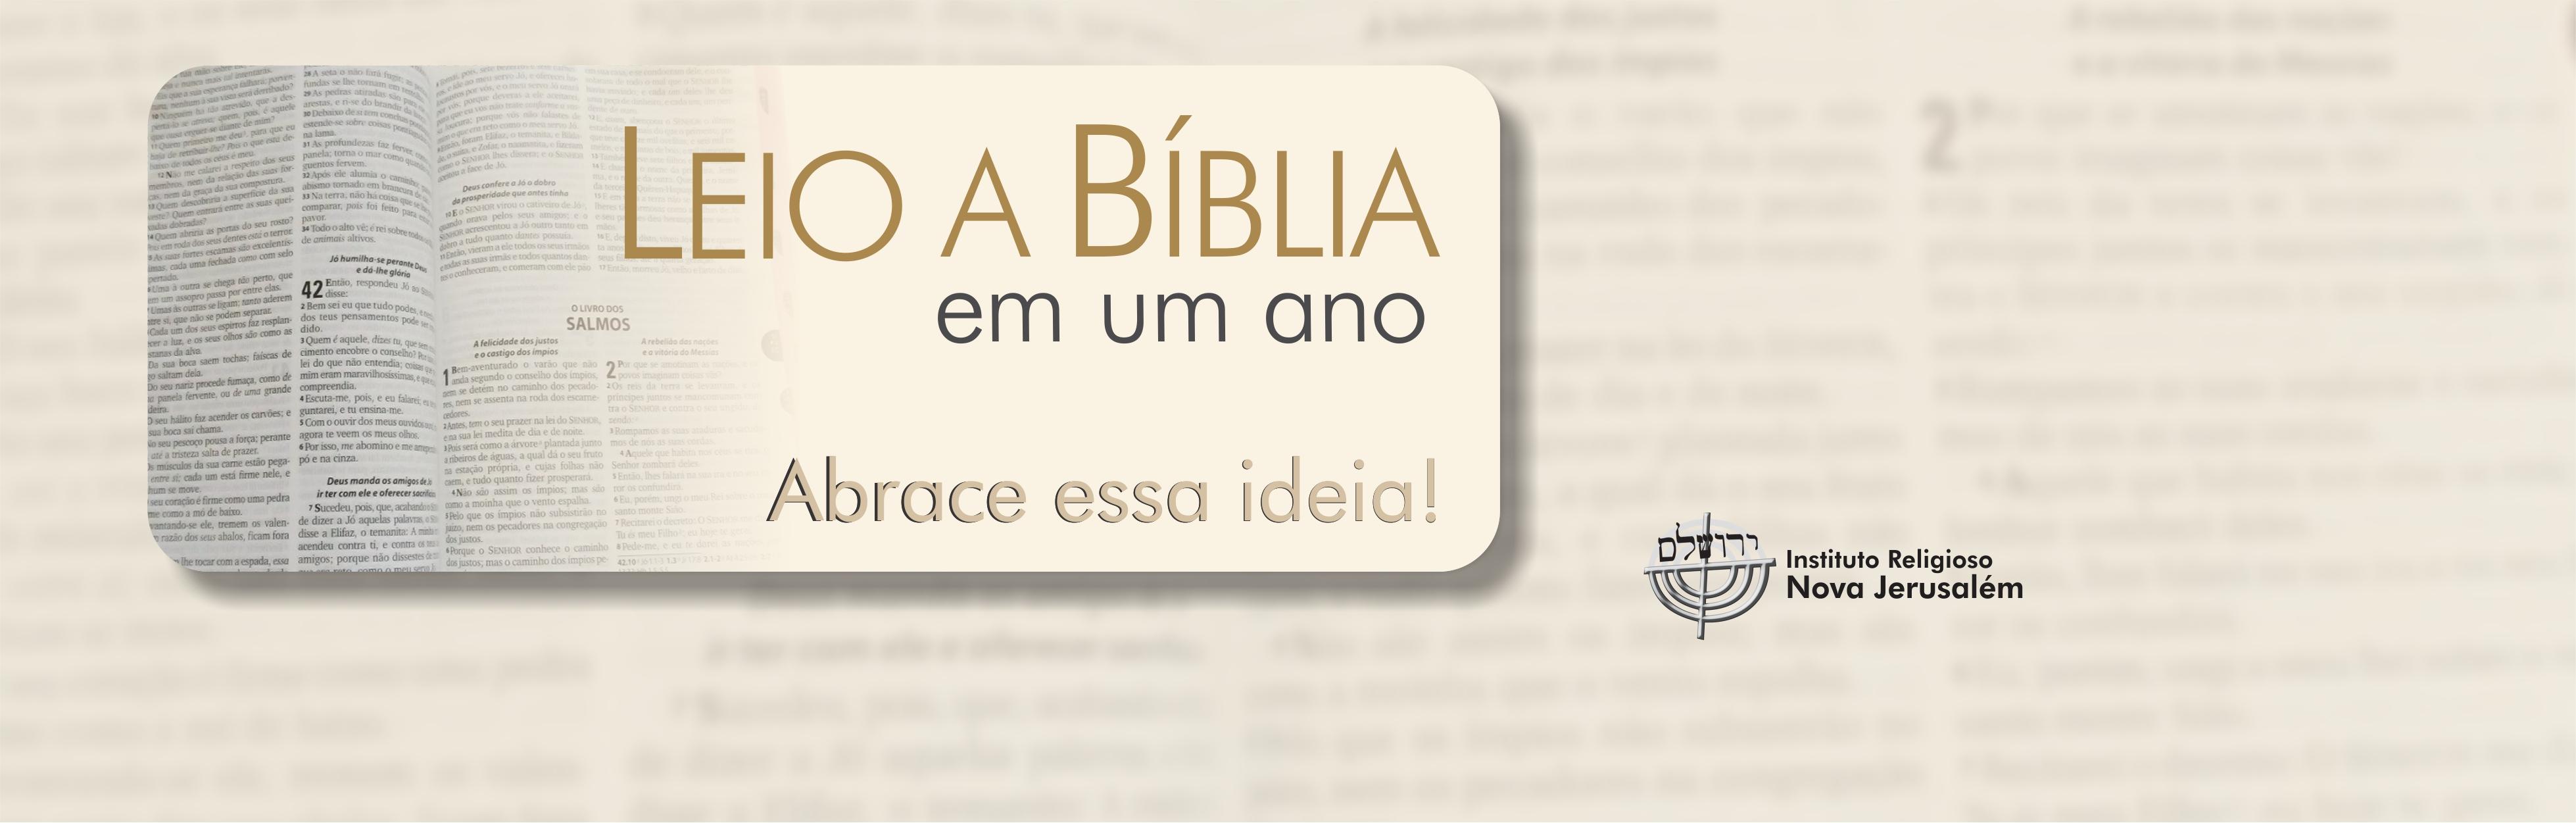 Bíblia em um ano!